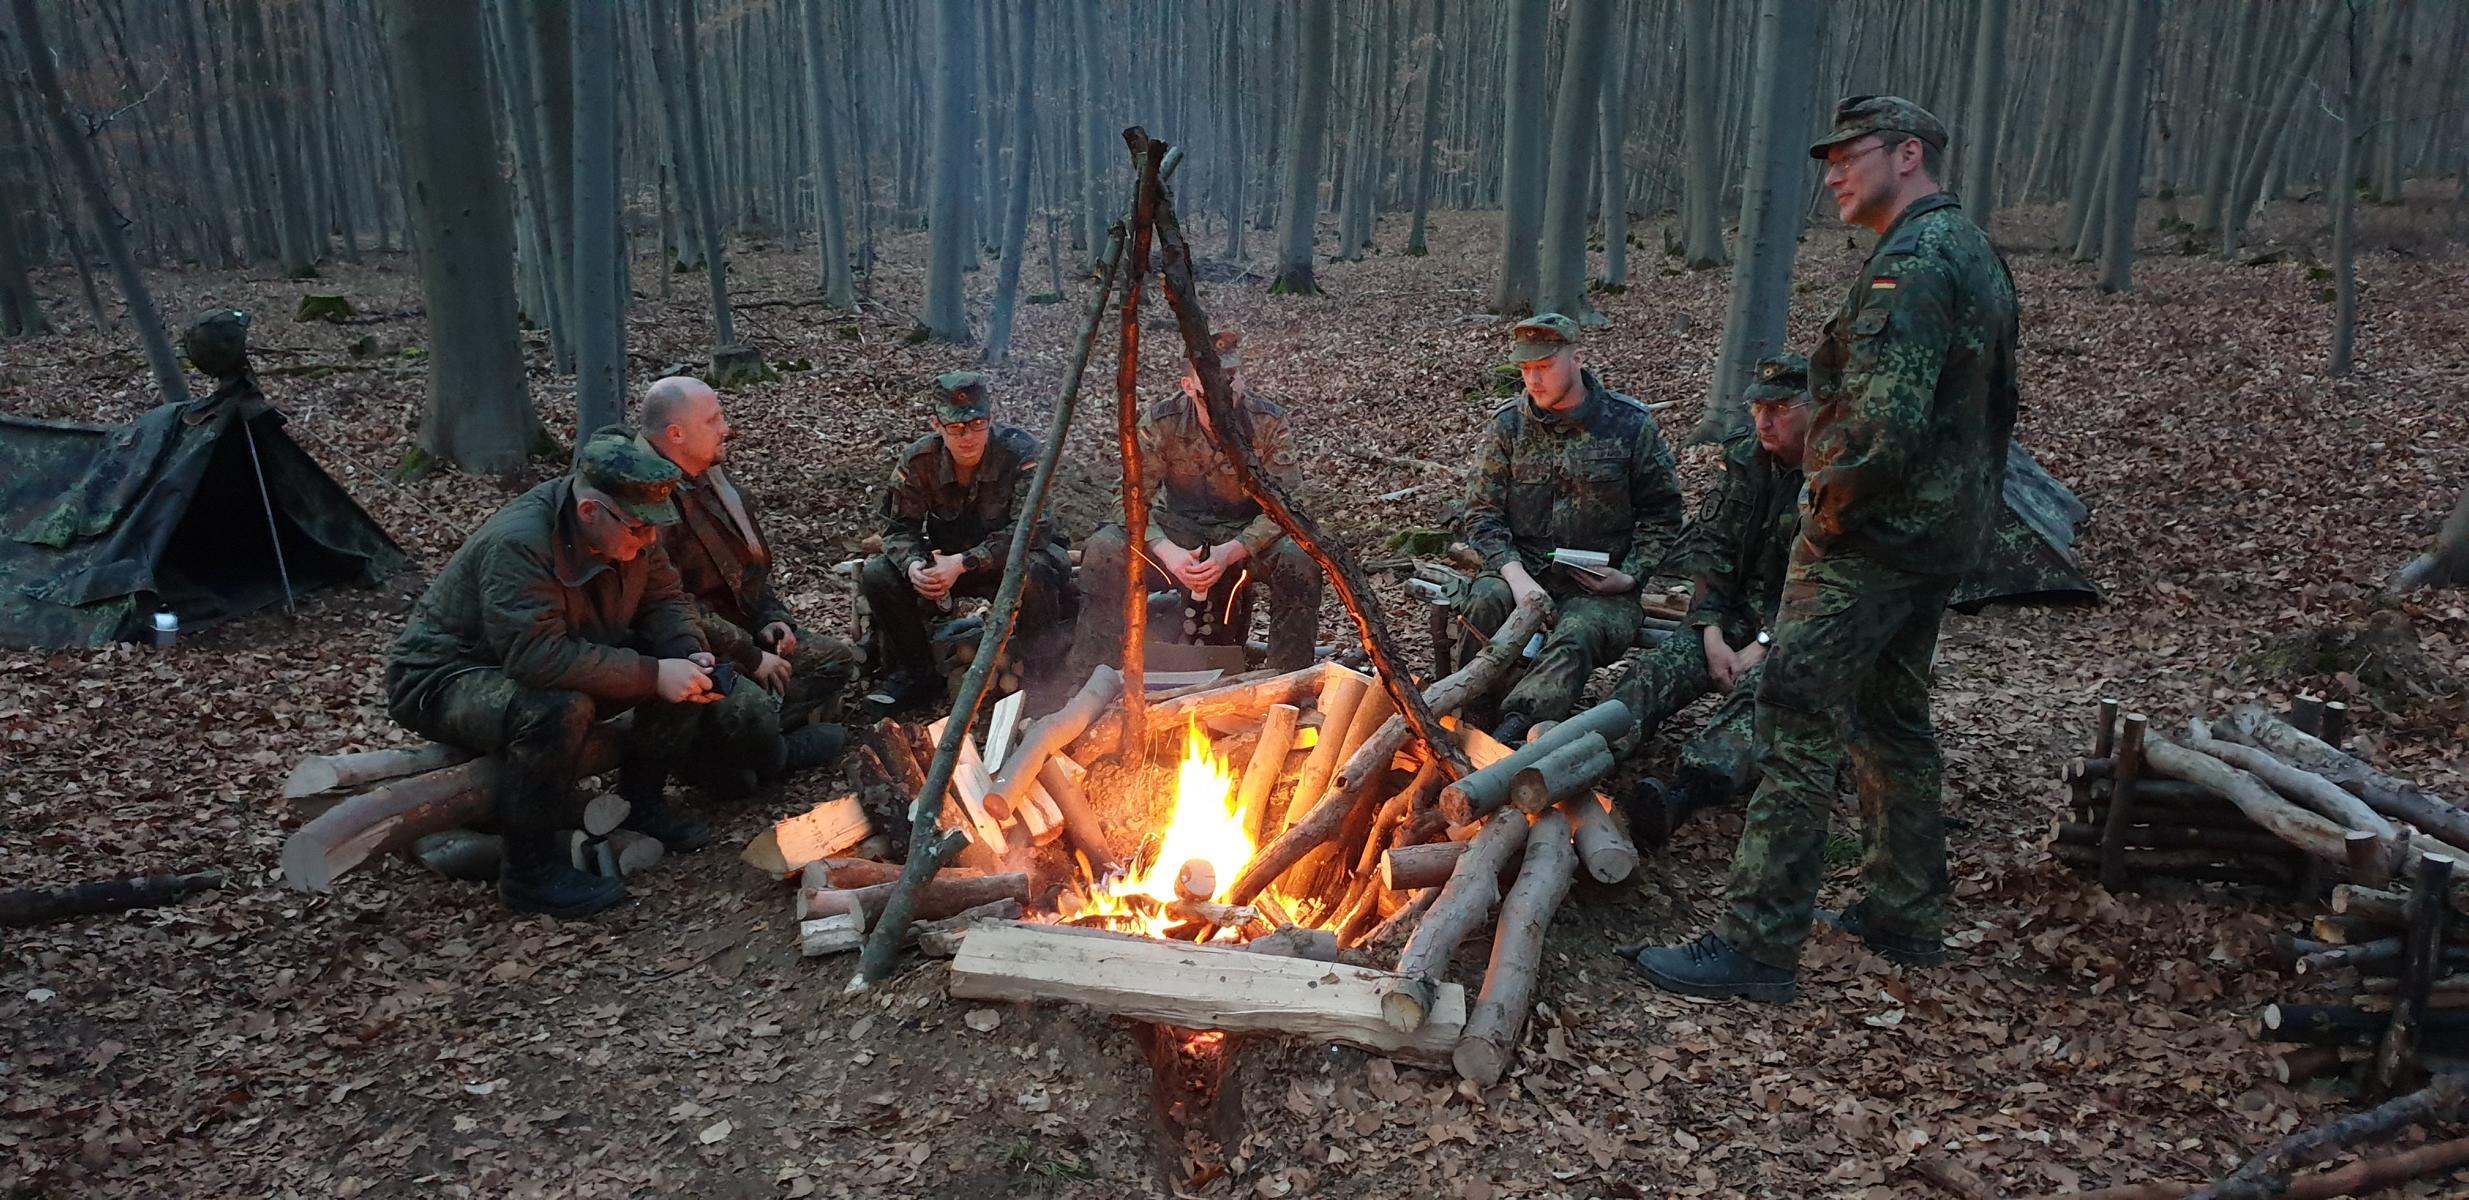 Kameradschaftsabend am Biwakfeuer nach erfolgreicher Ausbildung